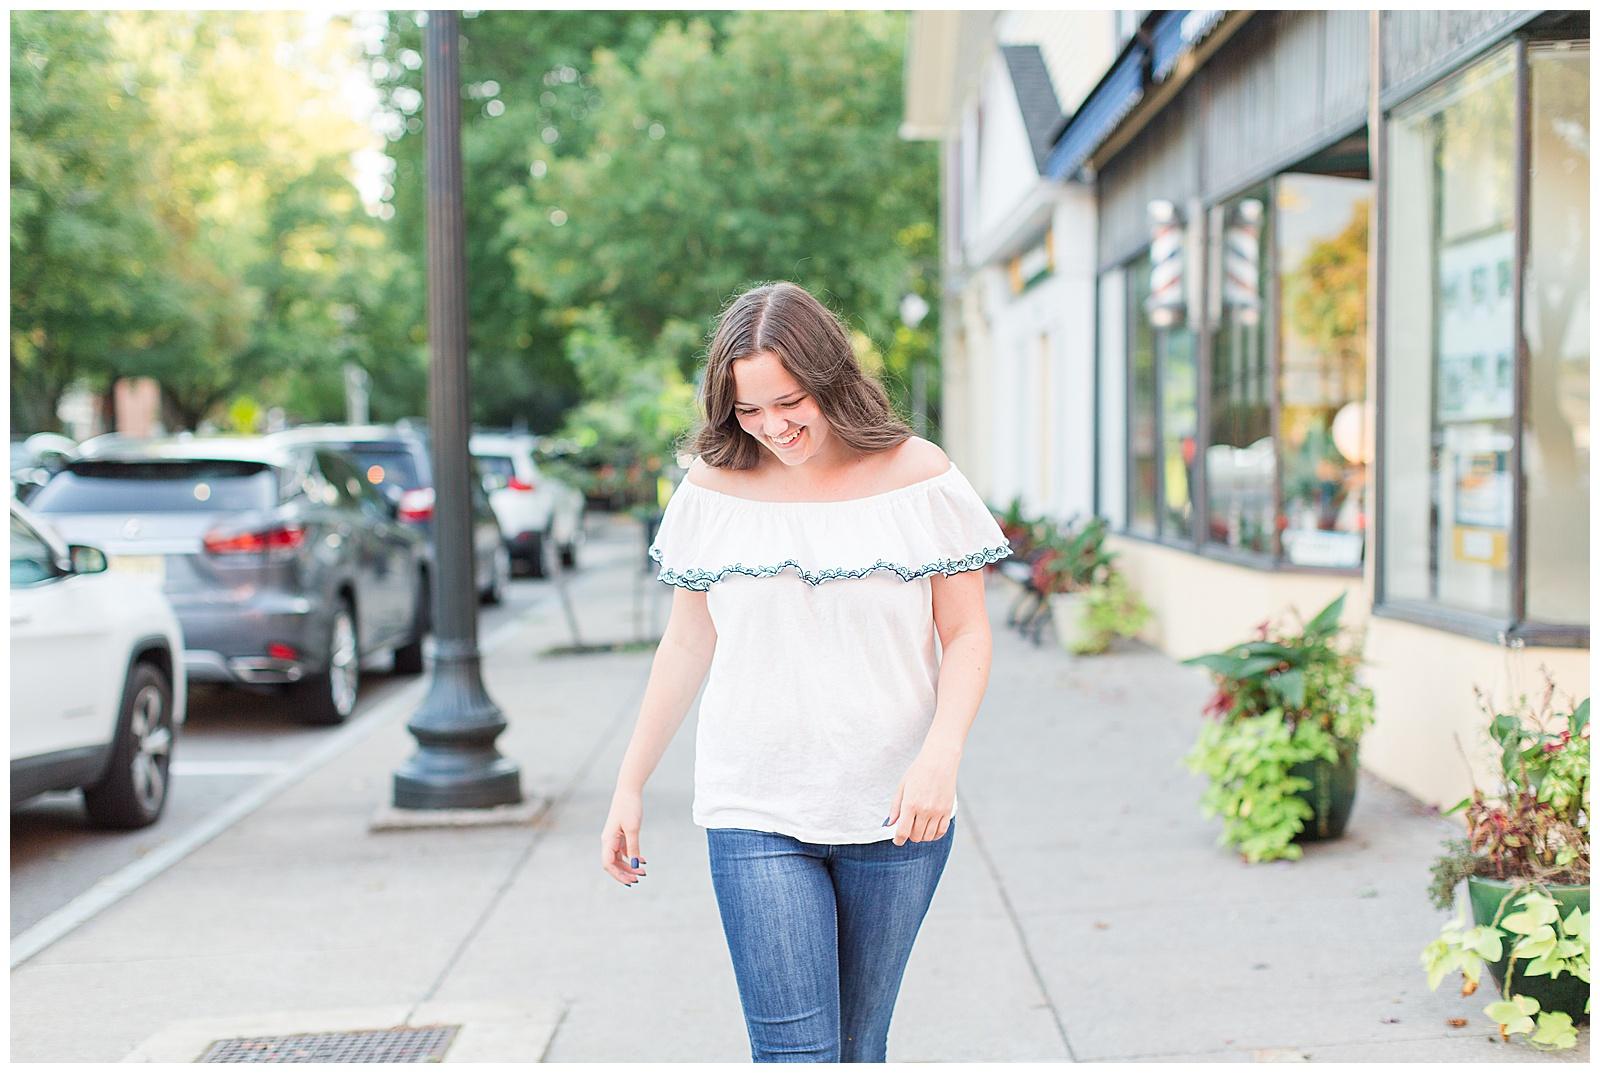 Pittsford NY Senior Portrait Photo_0640.jpg